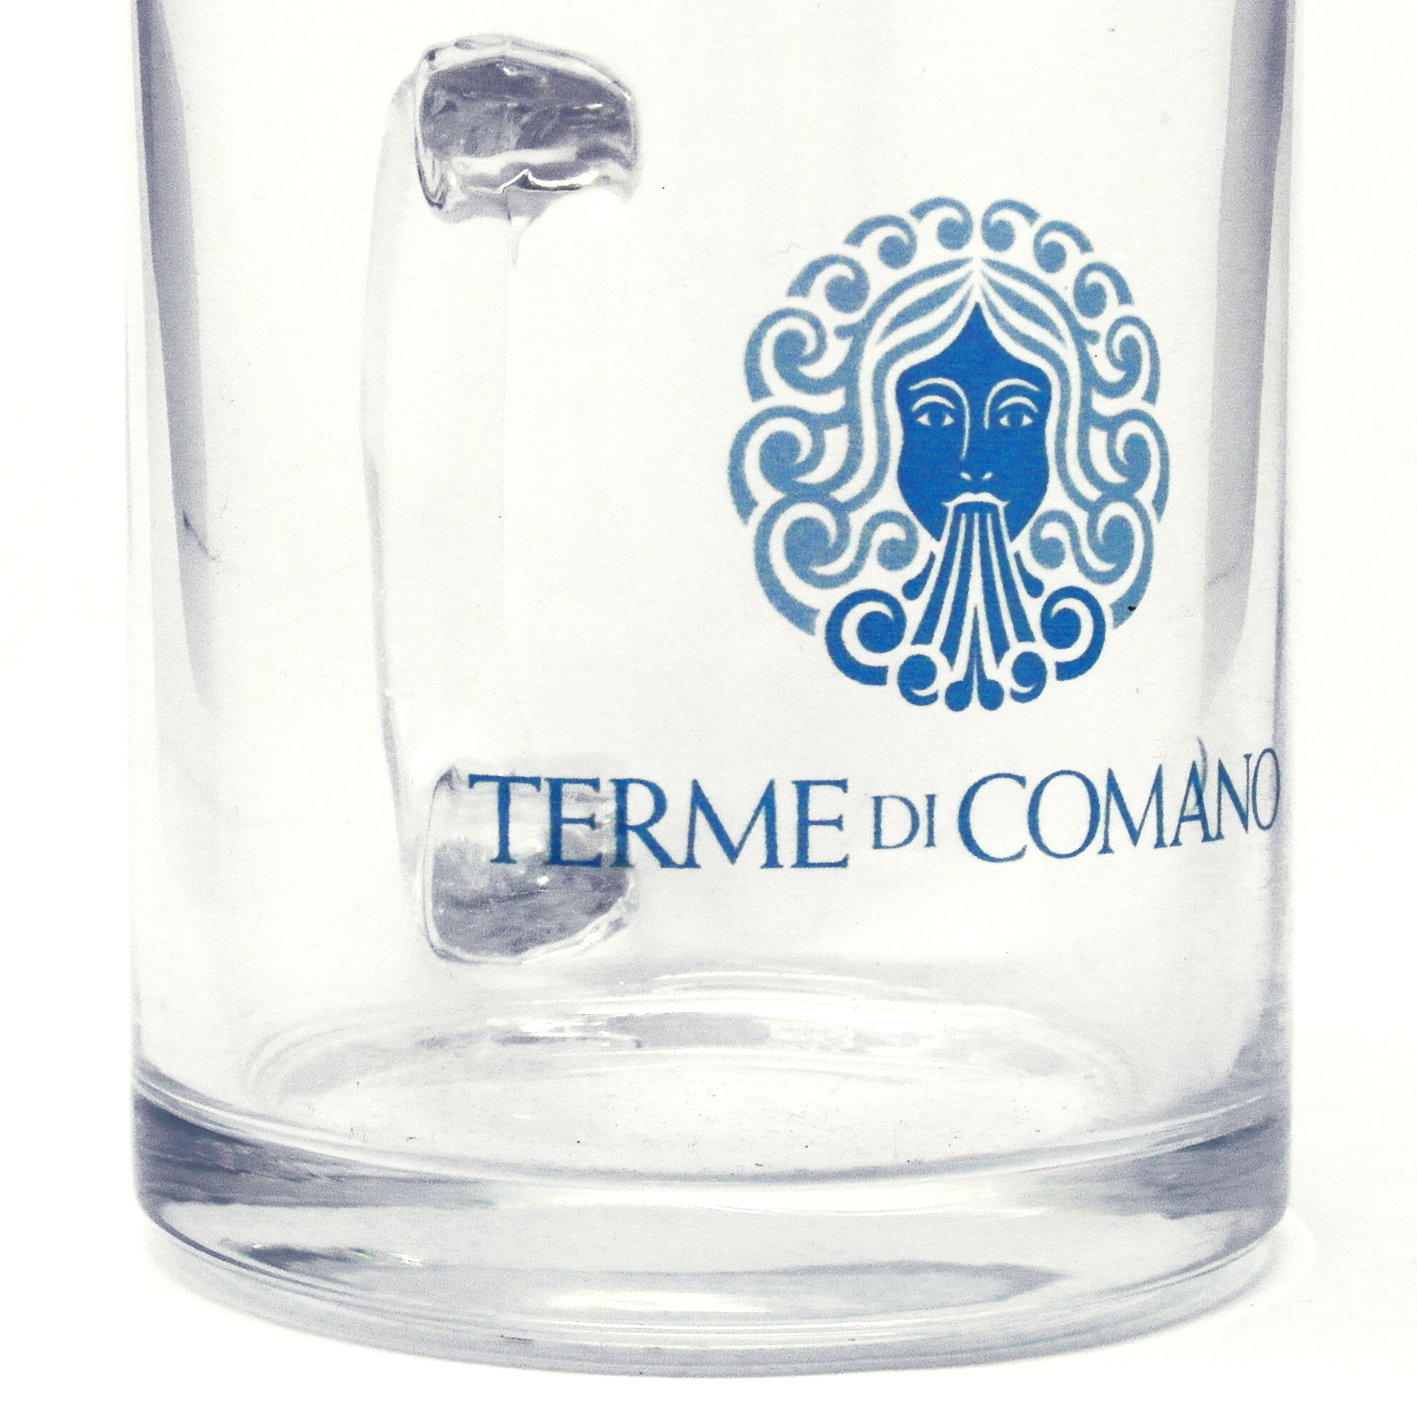 terme-comano-bicchiere